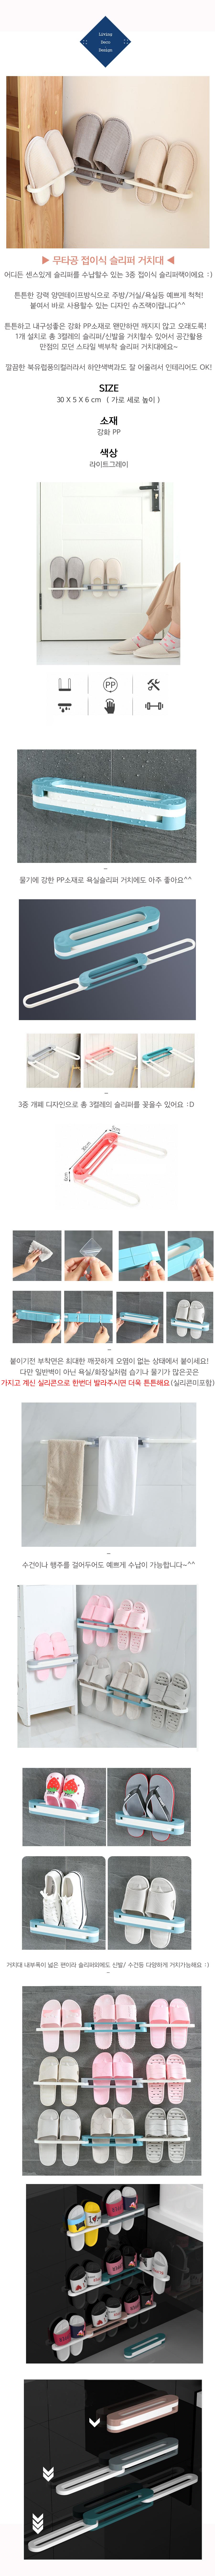 무타공접이식슬리퍼거치대 - 미스터고물상, 2,560원, 수납/선반장, 신발정리대/신발장